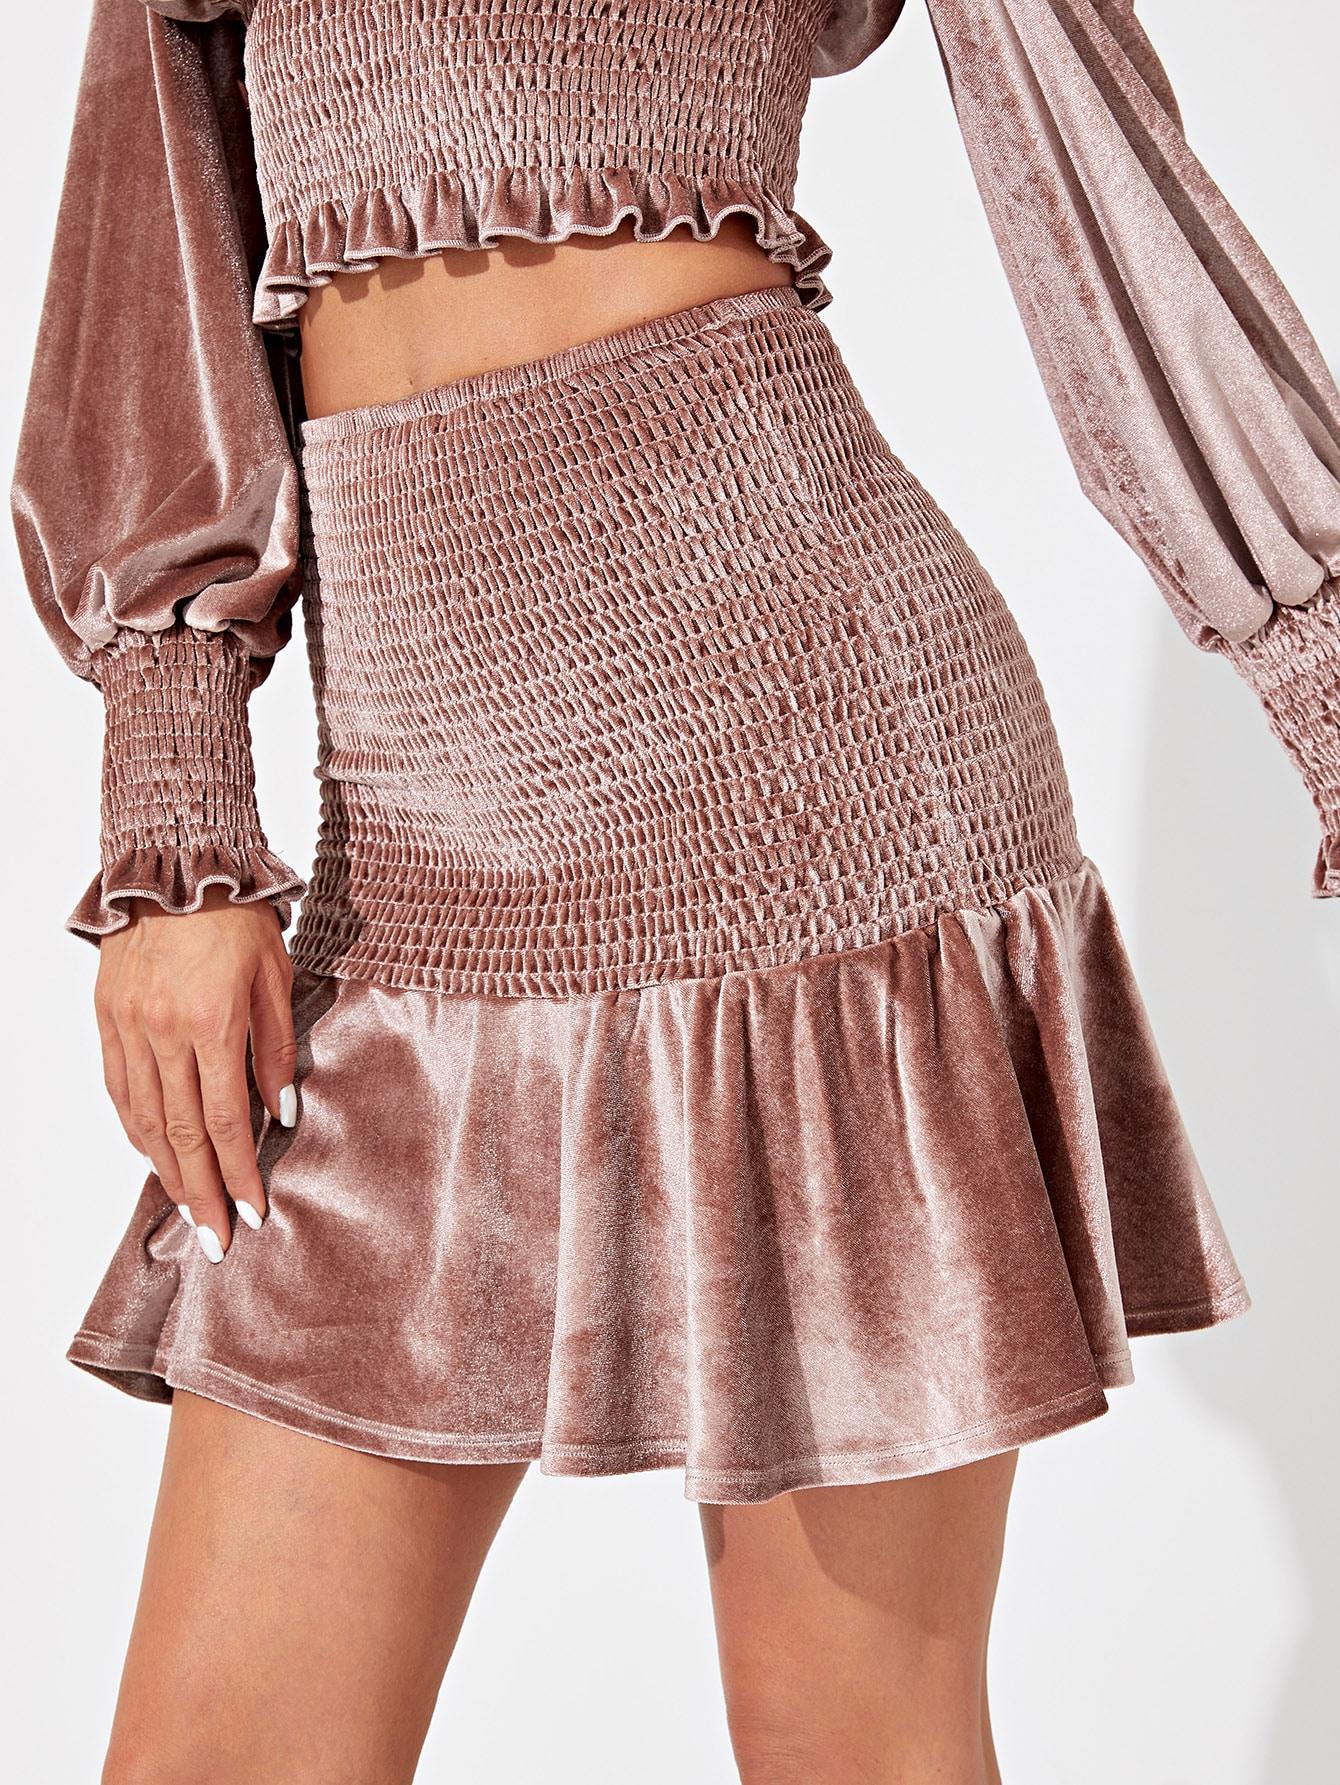 Бархатная юбка с оборками, Andy, SheIn  - купить со скидкой